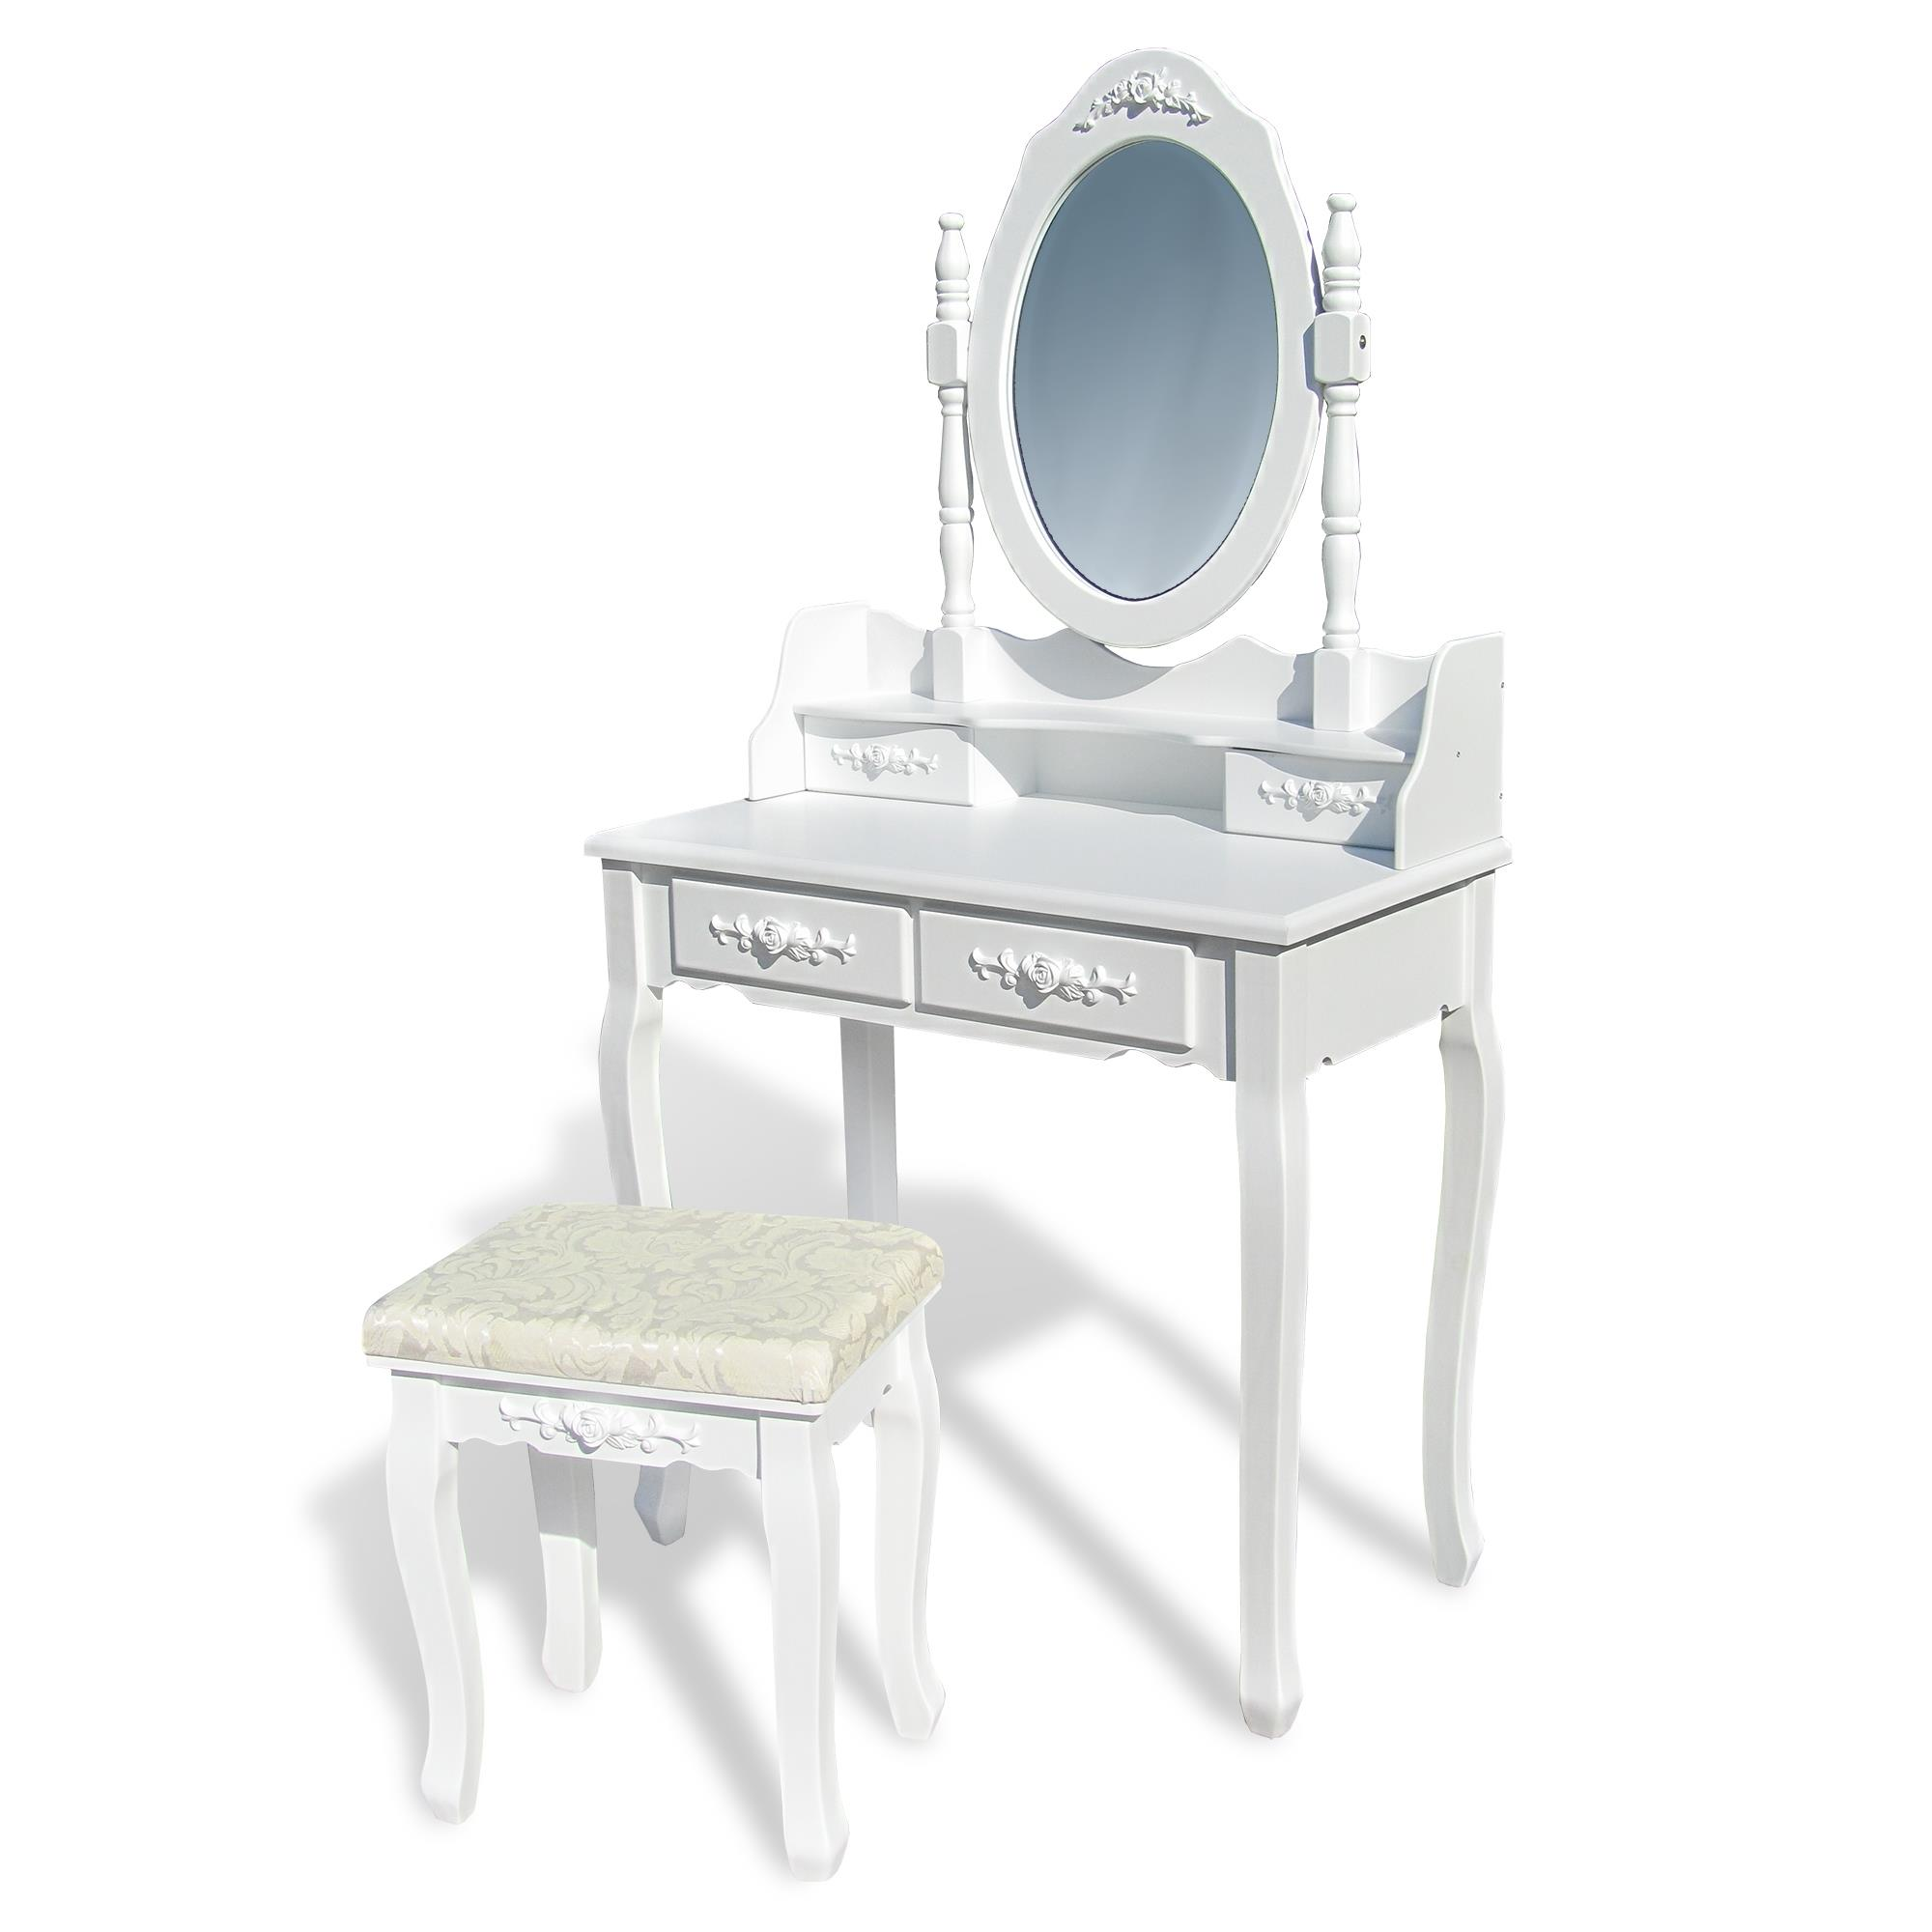 schminktisch frisiertisch kommode kosmetiktisch spiegel. Black Bedroom Furniture Sets. Home Design Ideas